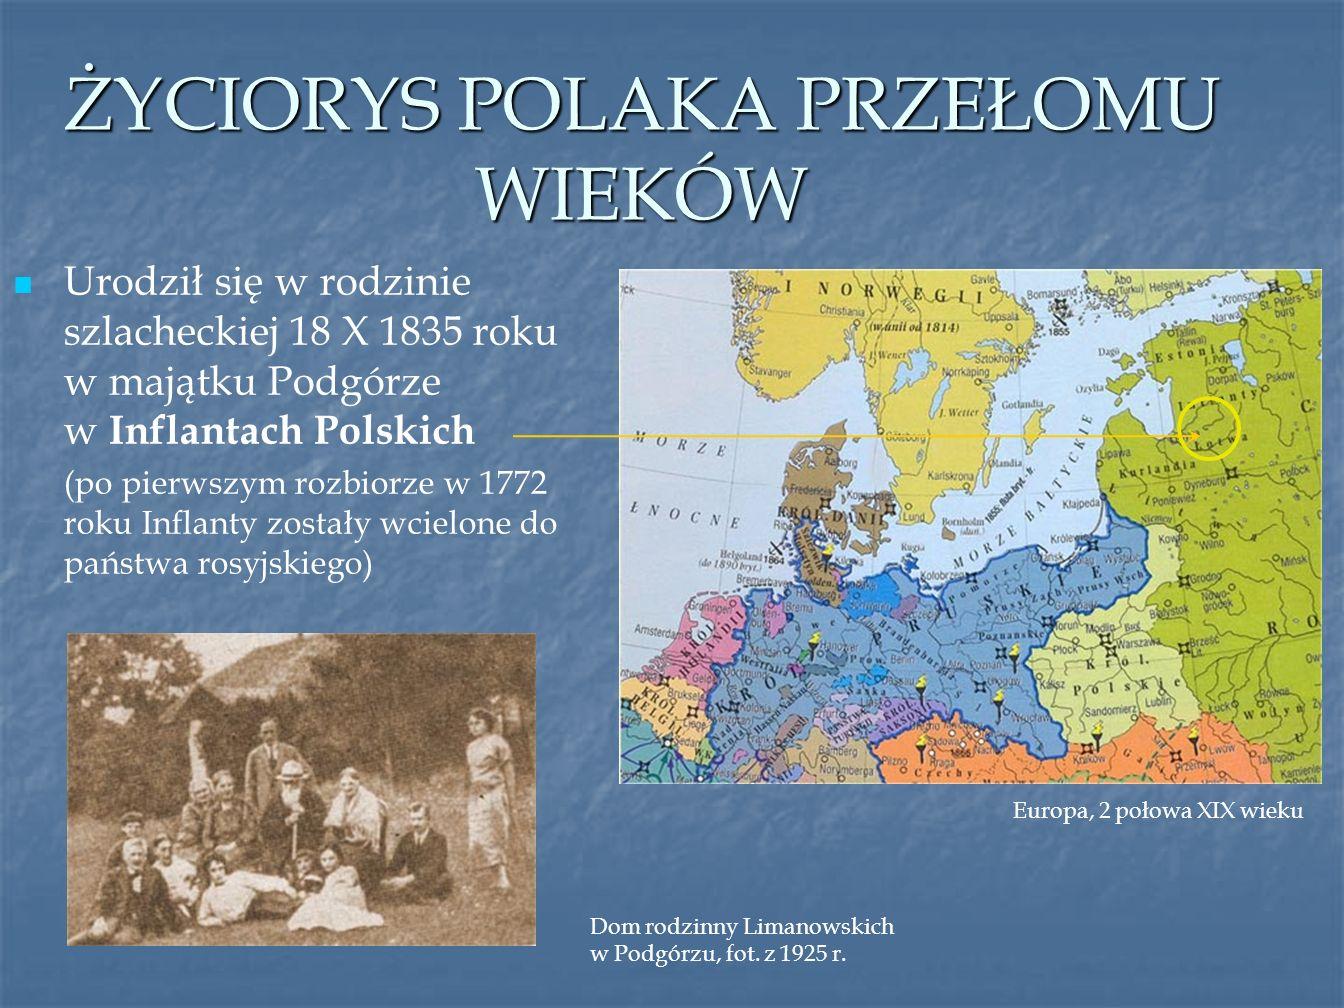 ŻYCIORYS POLAKA PRZEŁOMU WIEKÓW Europa, 2 połowa XIX wieku Dom rodzinny Limanowskich w Podgórzu, fot. z 1925 r. Urodził się w rodzinie szlacheckiej 18